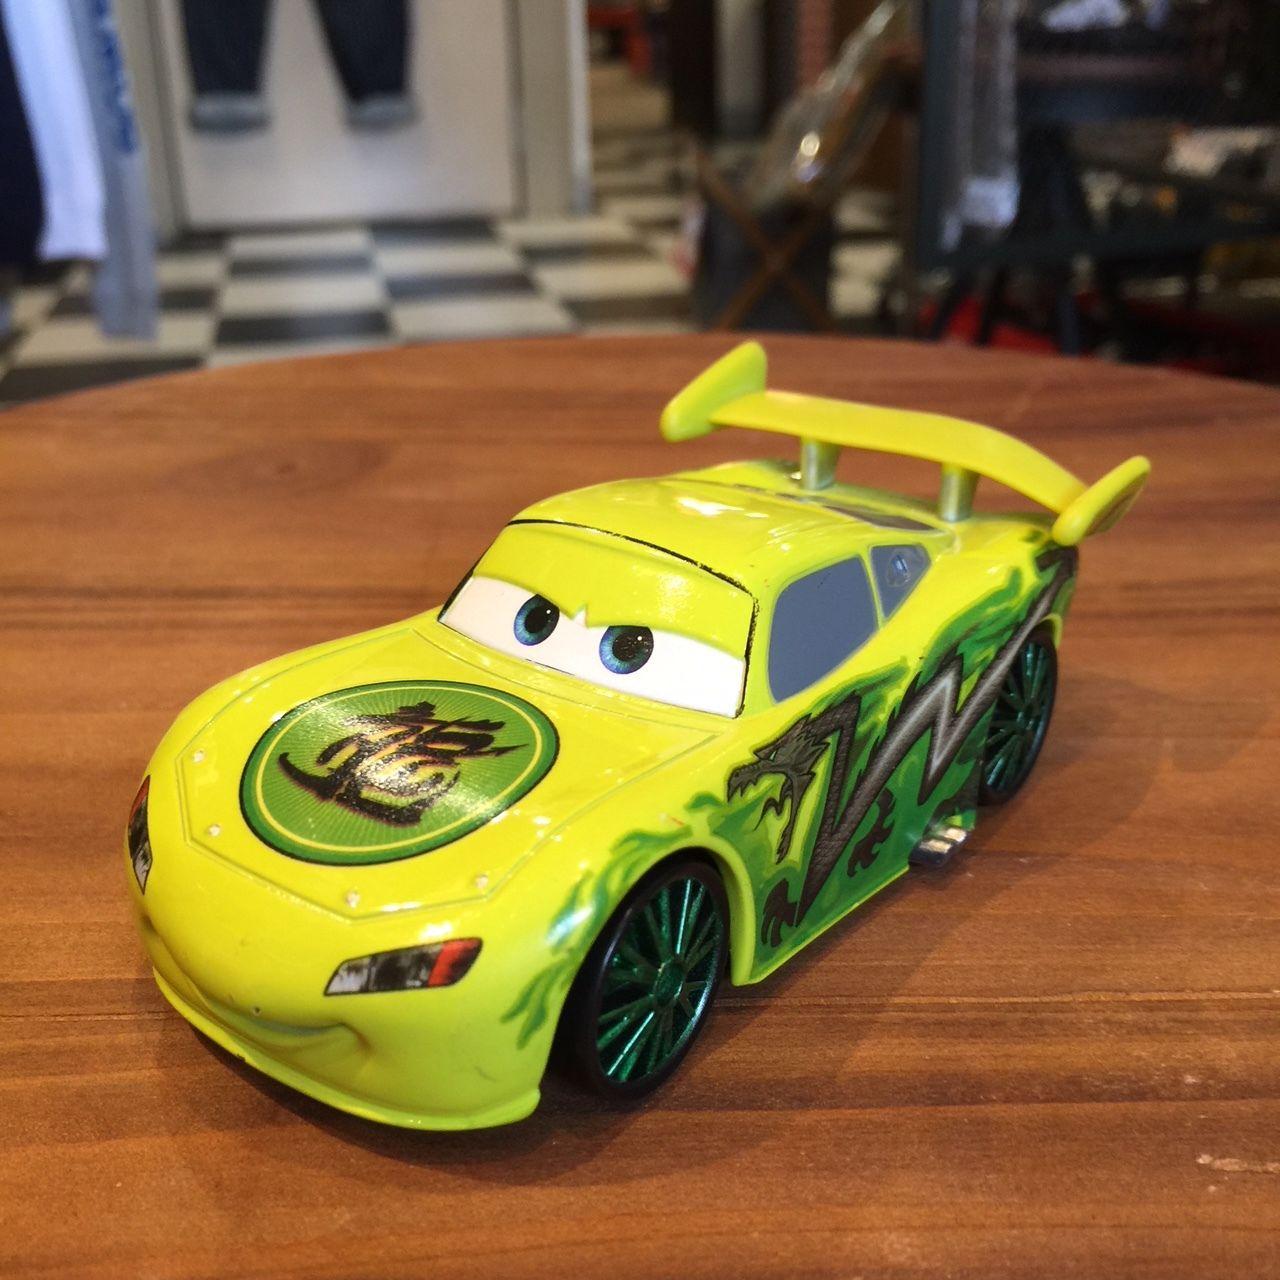 Disney Pixar Cars マックィーン カスタム ラージサイズダイキャストカー